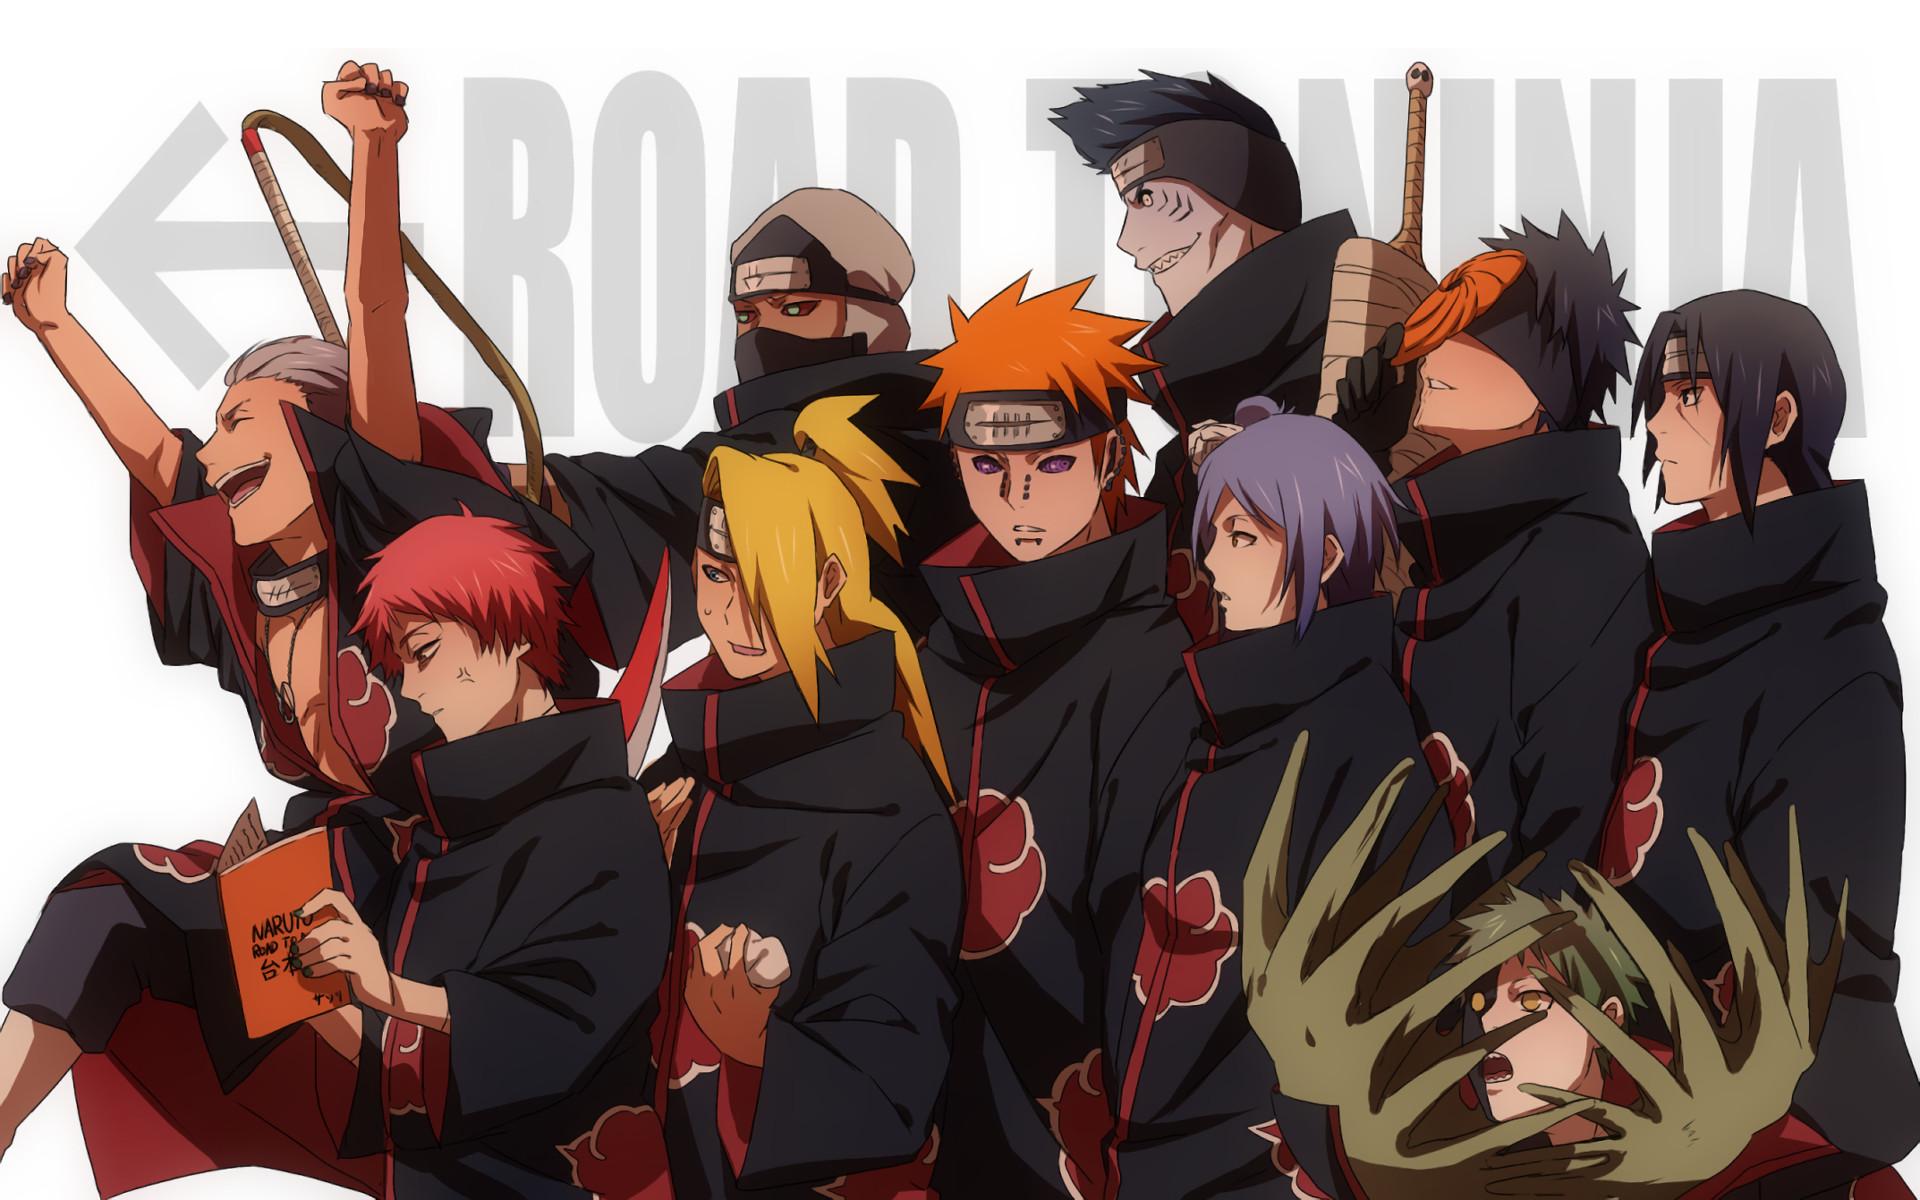 Res: 1920x1200, ... Deidara (Naruto) Hidan (Naruto) Pain (Naruto) Konan (Naruto) Kisame  Hoshigaki Obito Uchiha Itachi Uchiha Zetsu (Naruto) Akatsuki (Naruto)  Wallpaper